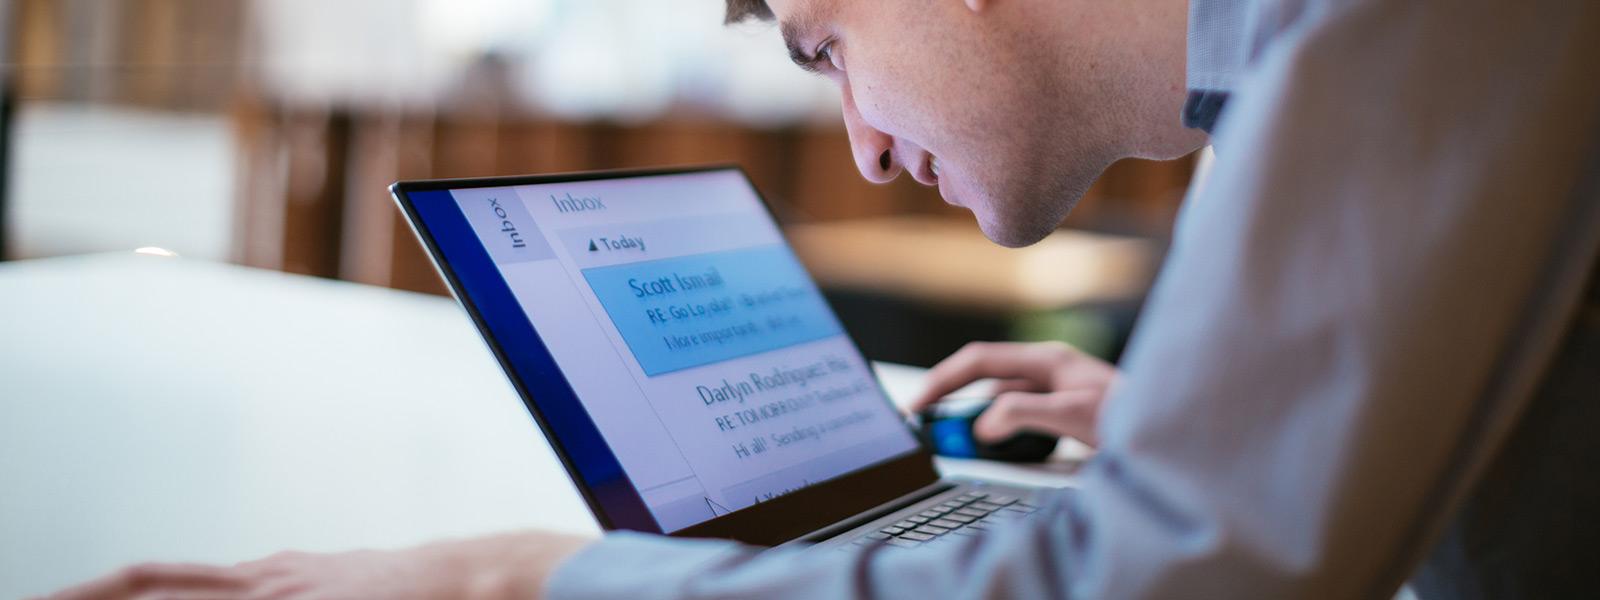 Muž pracující na svém počítači se systémem Windows 10 se snadno čitelným velkým textem zobrazeným na obrazovce.